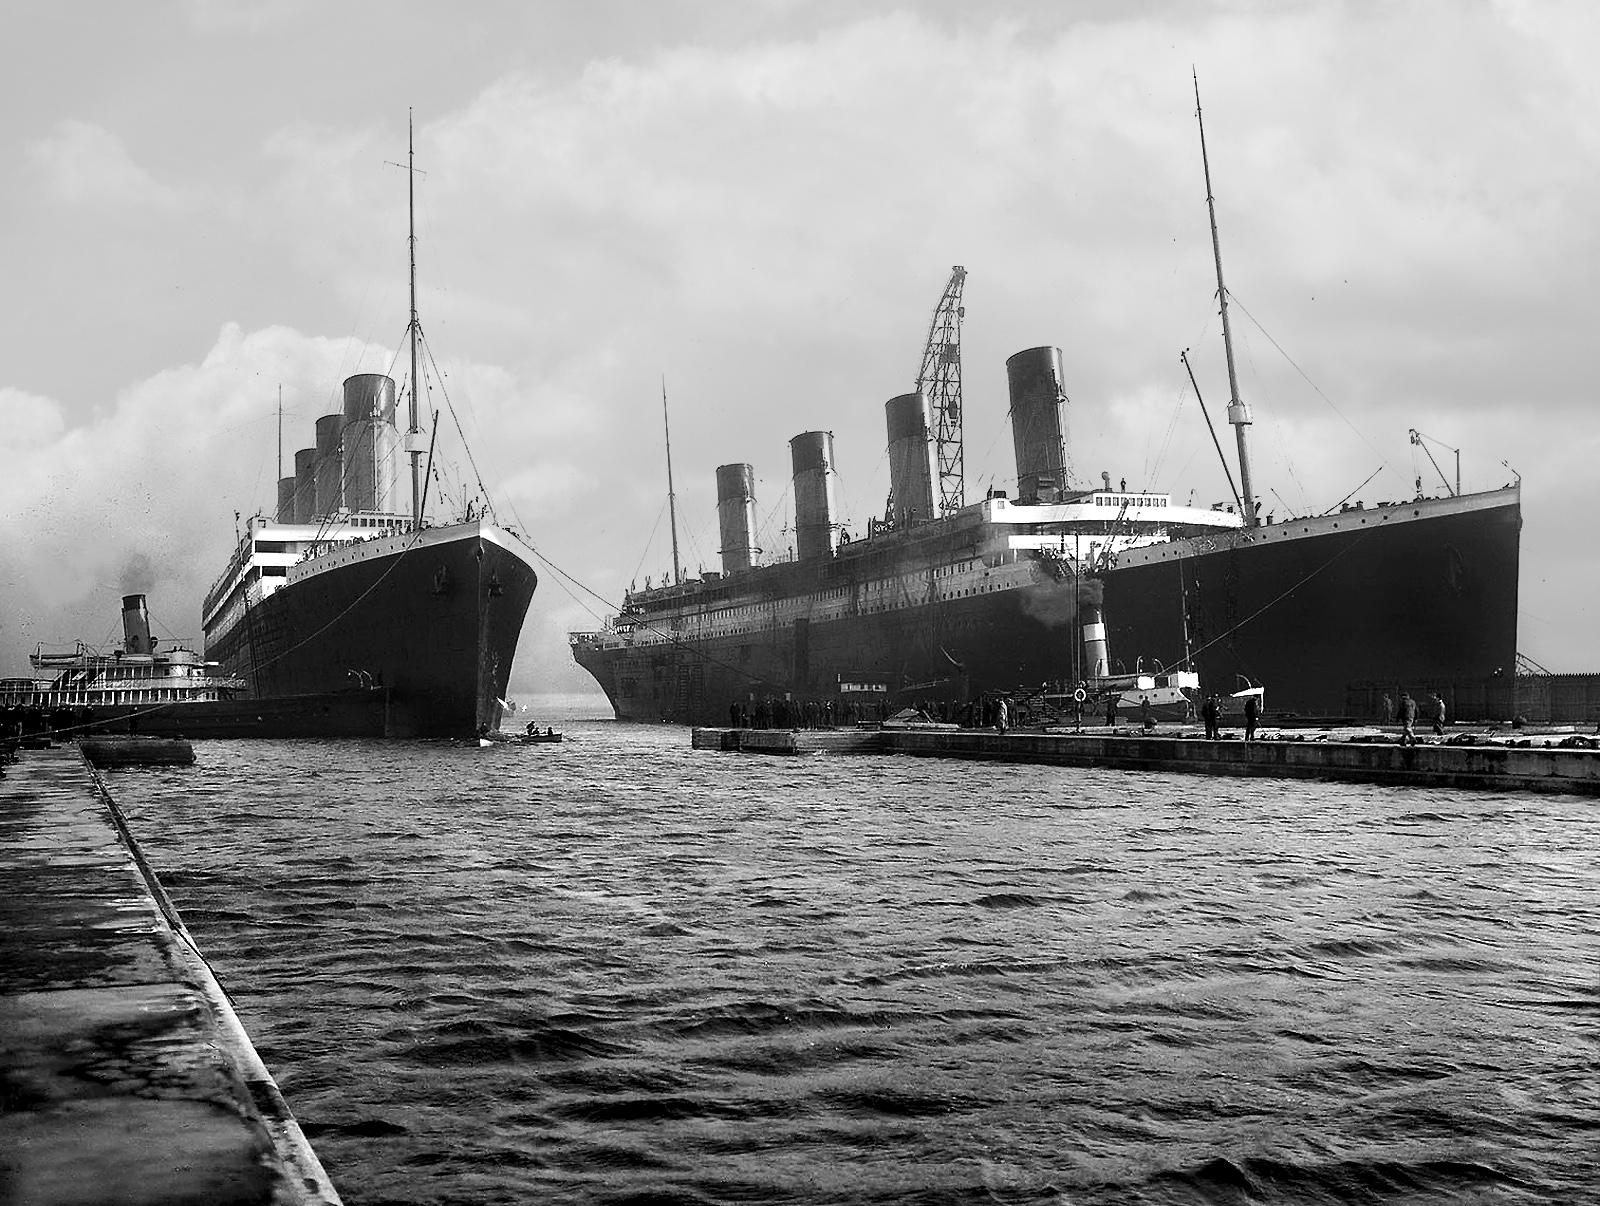 El Titanic junto a su embarcación gemela, el Olympic.